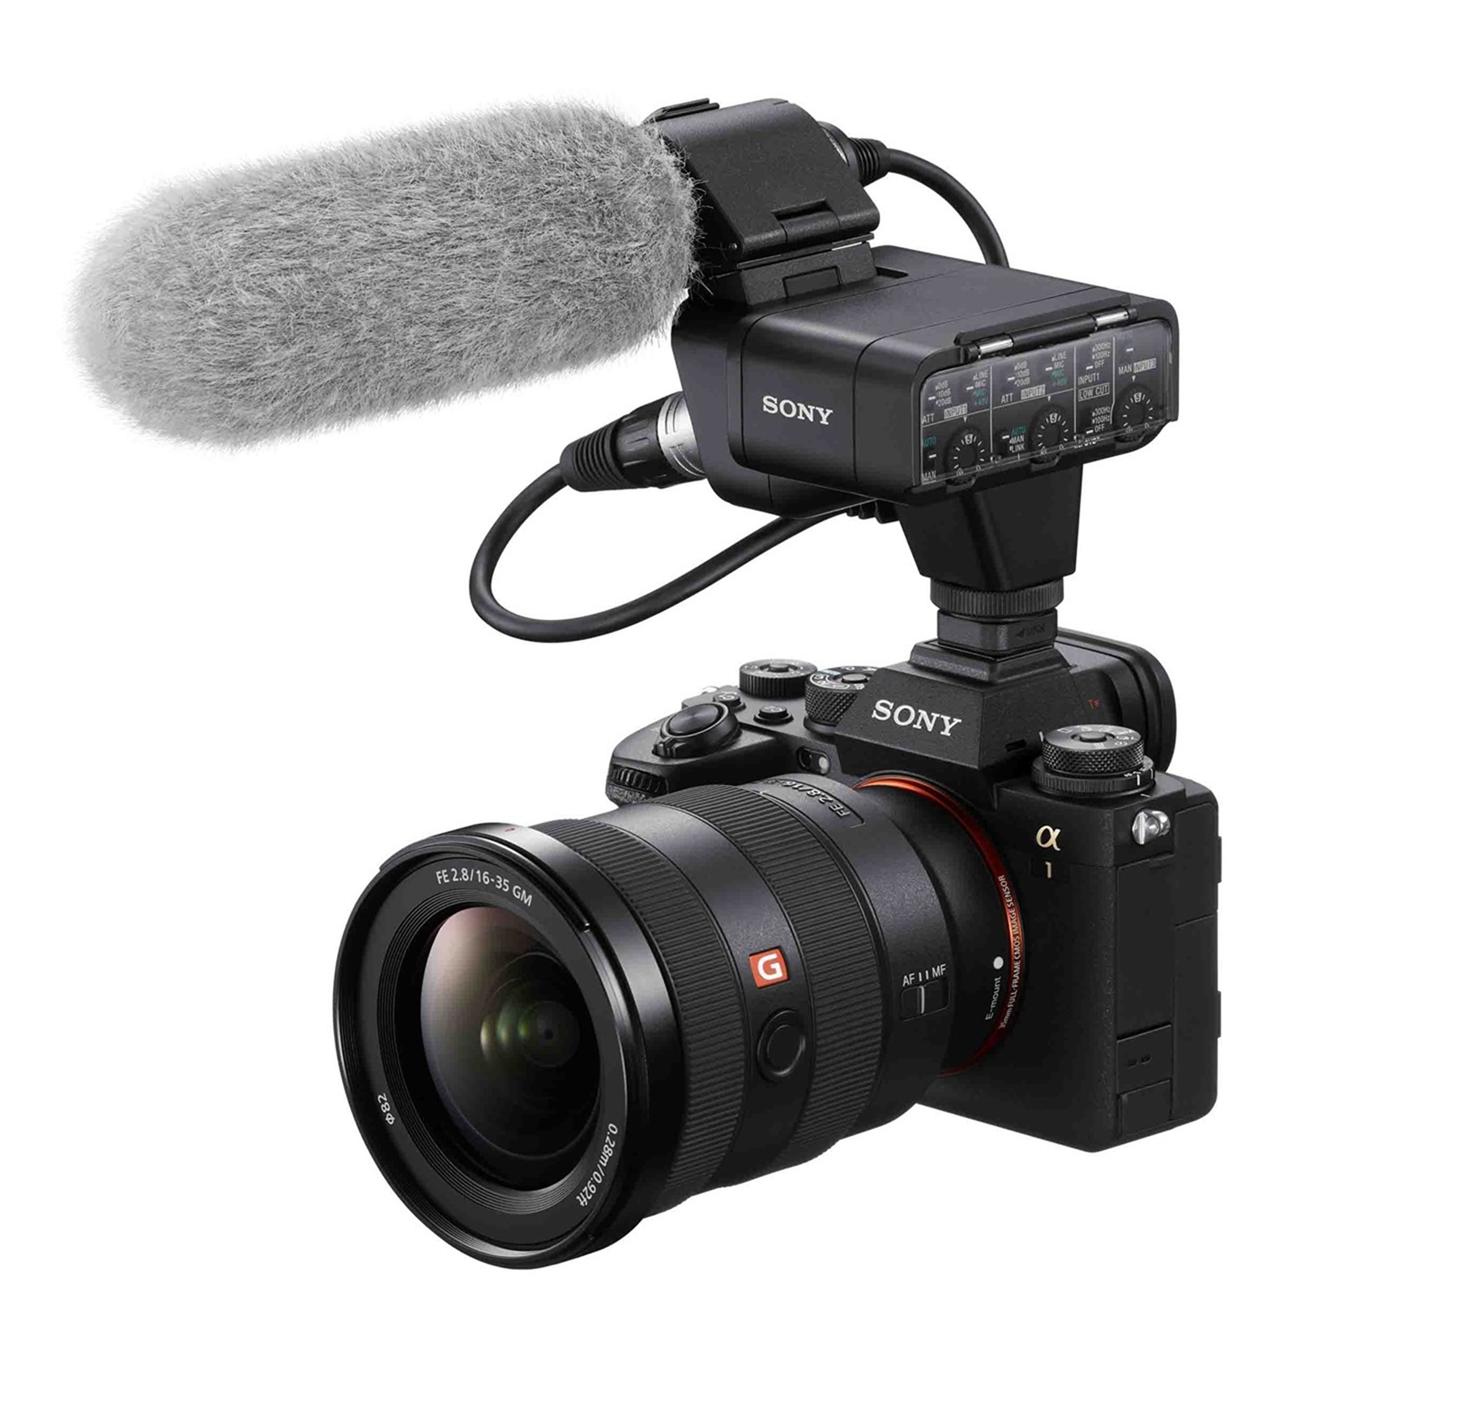 Sony α1 全能旗艦全片幅相機 重磅登場 5,010 萬像素 | 30 fps 超高速連拍 | 首創閃燈同步搭配電子快門 | 8K 30p 影片錄製 @3C 達人廖阿輝